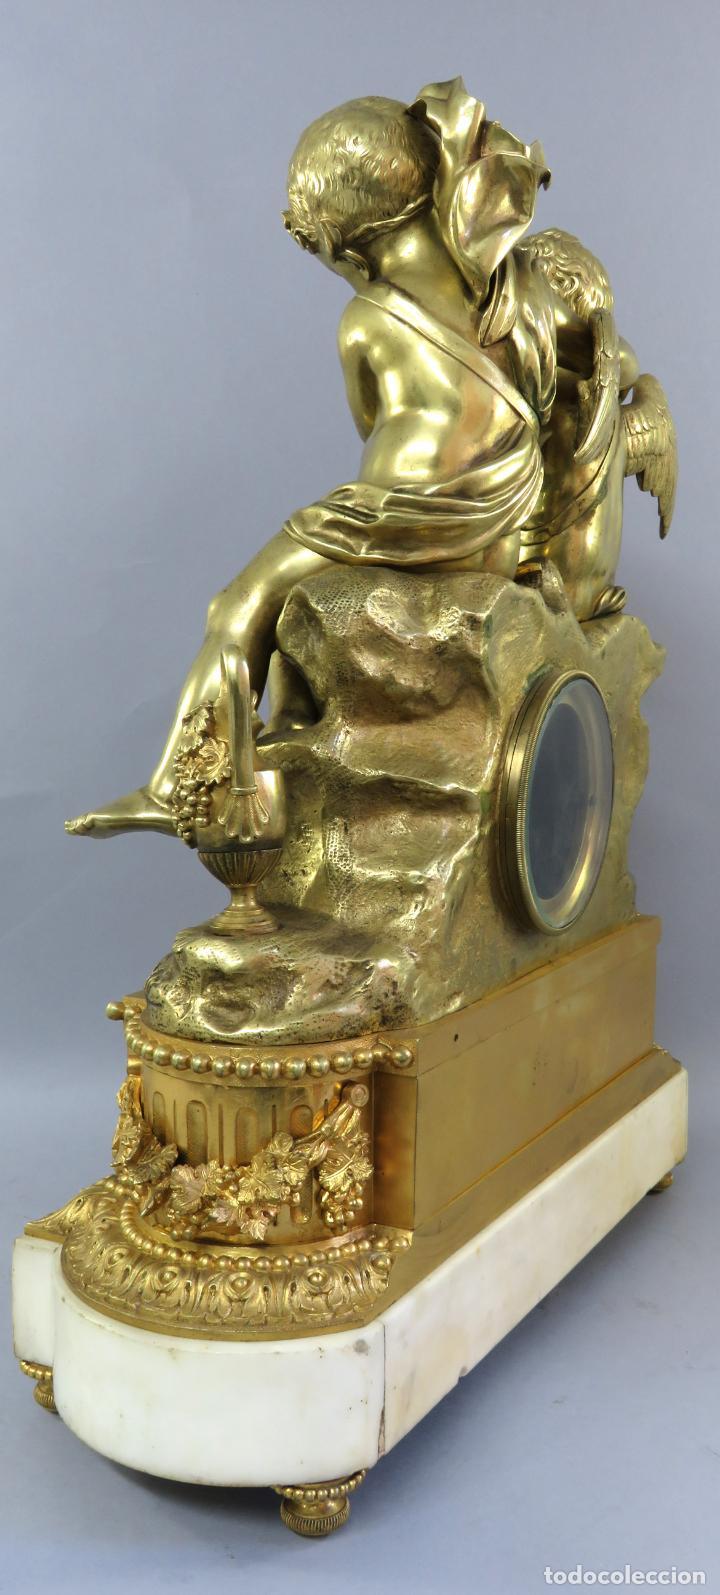 Relojes de carga manual: Reloj de sobremesa Napoleón III de cupidos en bronce dorado París porcelana Francia siglo XIX - Foto 22 - 218098693